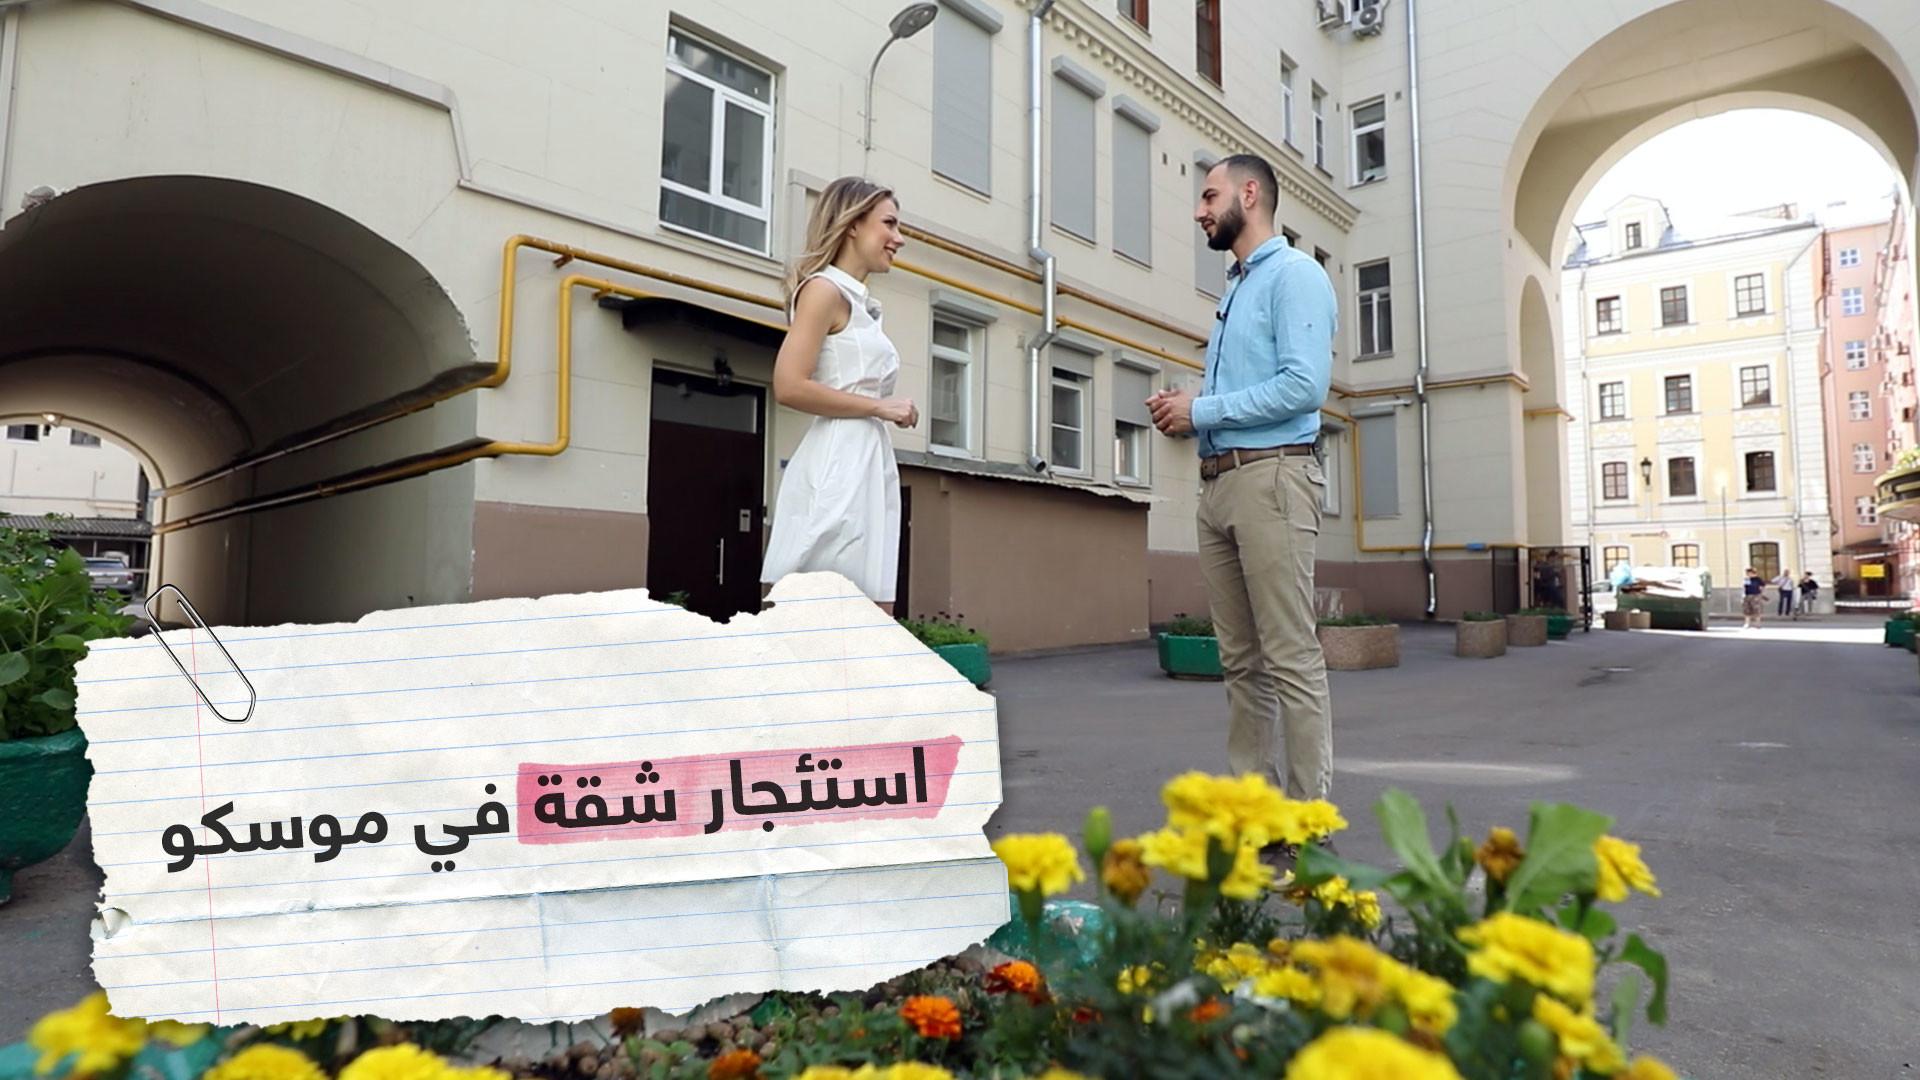 أفضل طريقة لاستئجار شقة فاخرة في موسكو